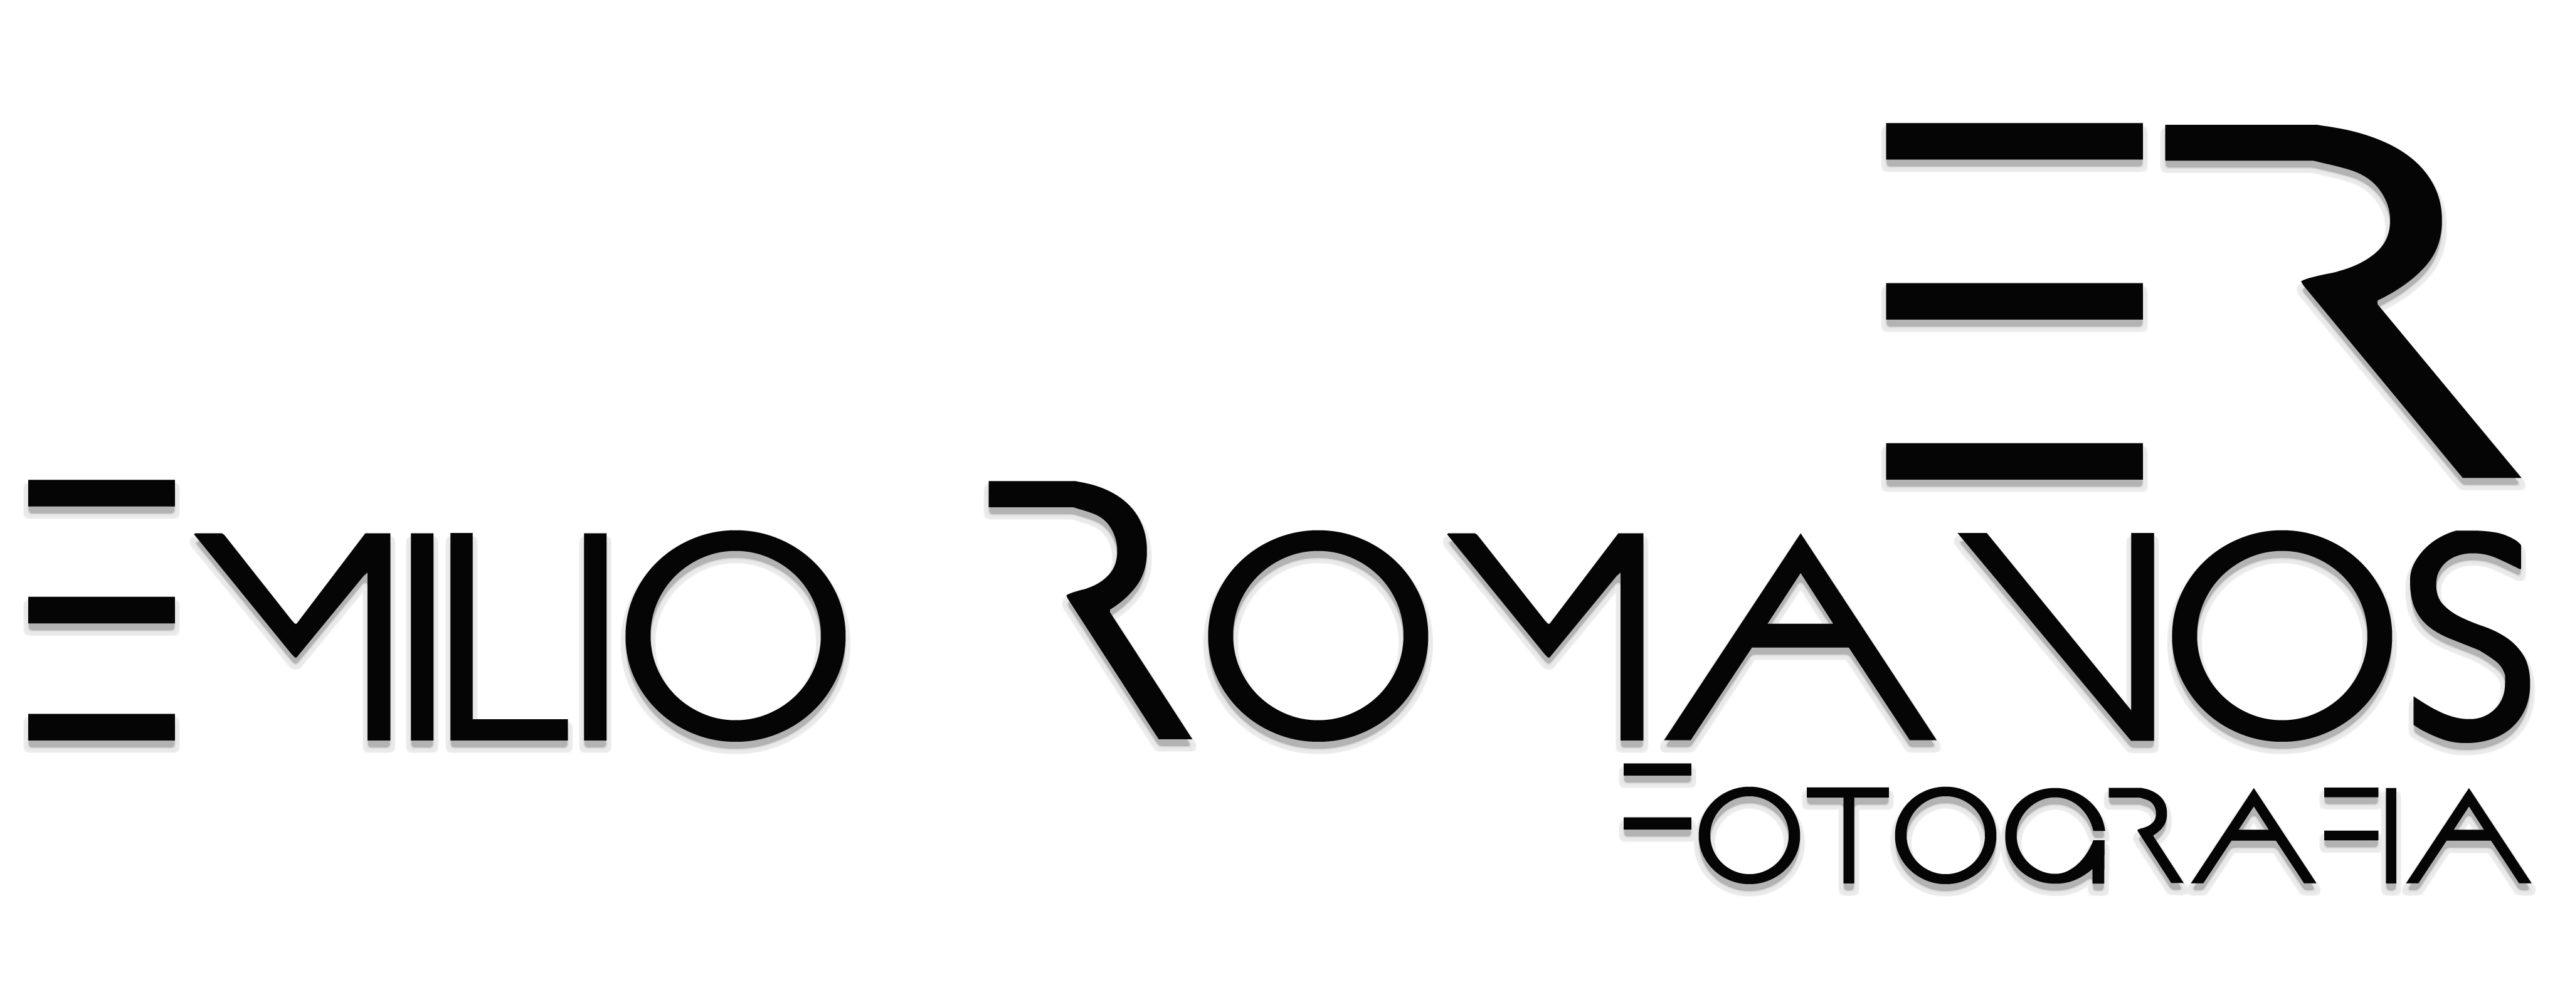 EMILIO ROMANOS FOTOGRAFÍA